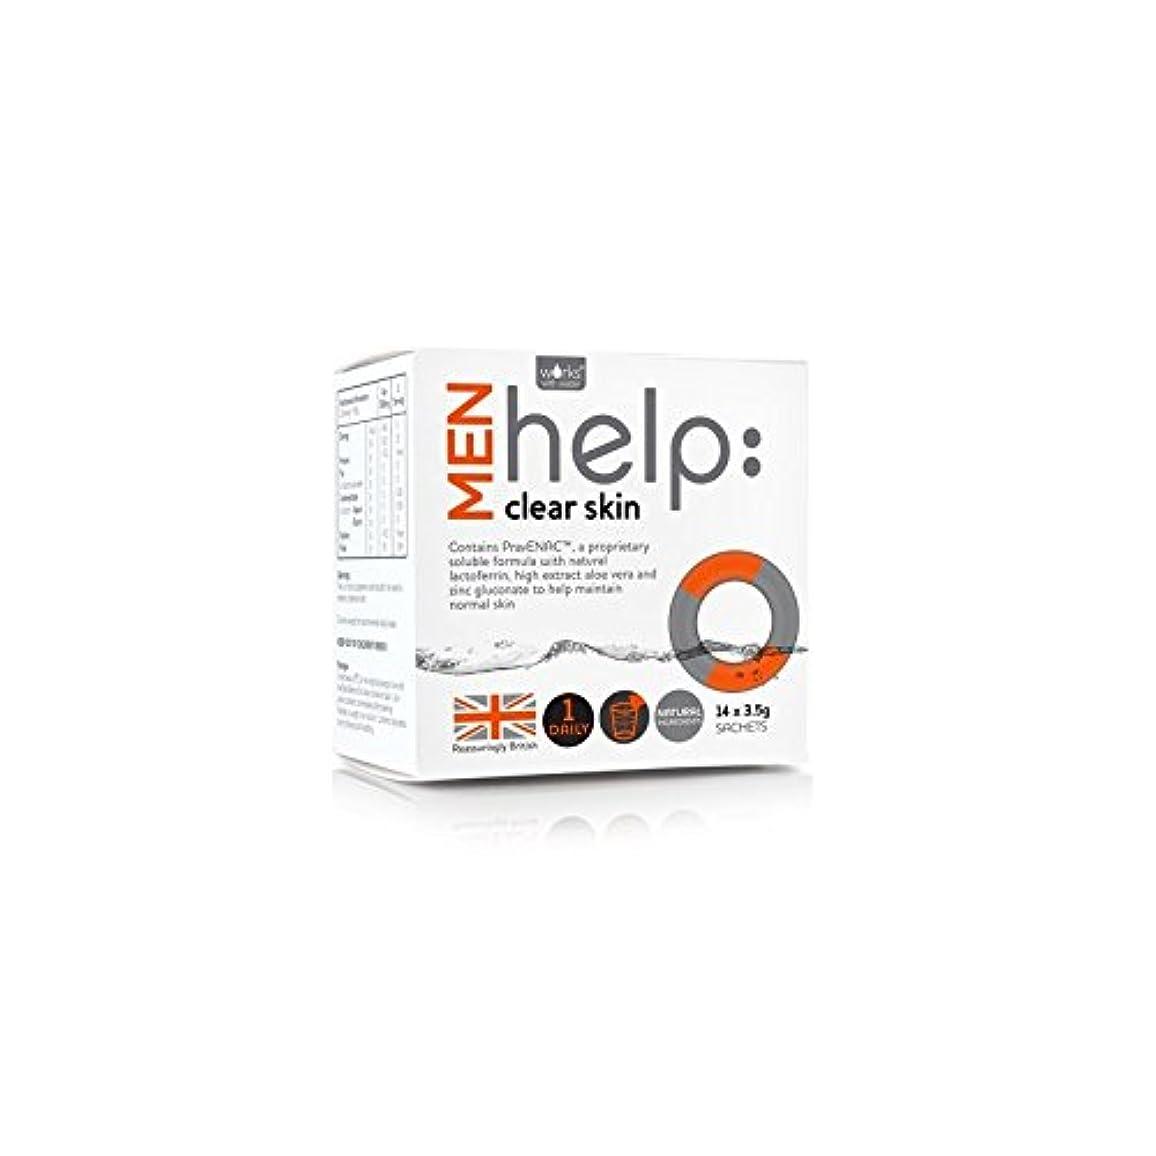 フルート五十関係ないWorks With Water Men's Help: Clear Skin Soluble Supplement (14 X 3.5G) (Pack of 6) - クリアな肌可溶性サプリメント(14 3.5グラム):水男性の助けを借りて動作します x6 [並行輸入品]